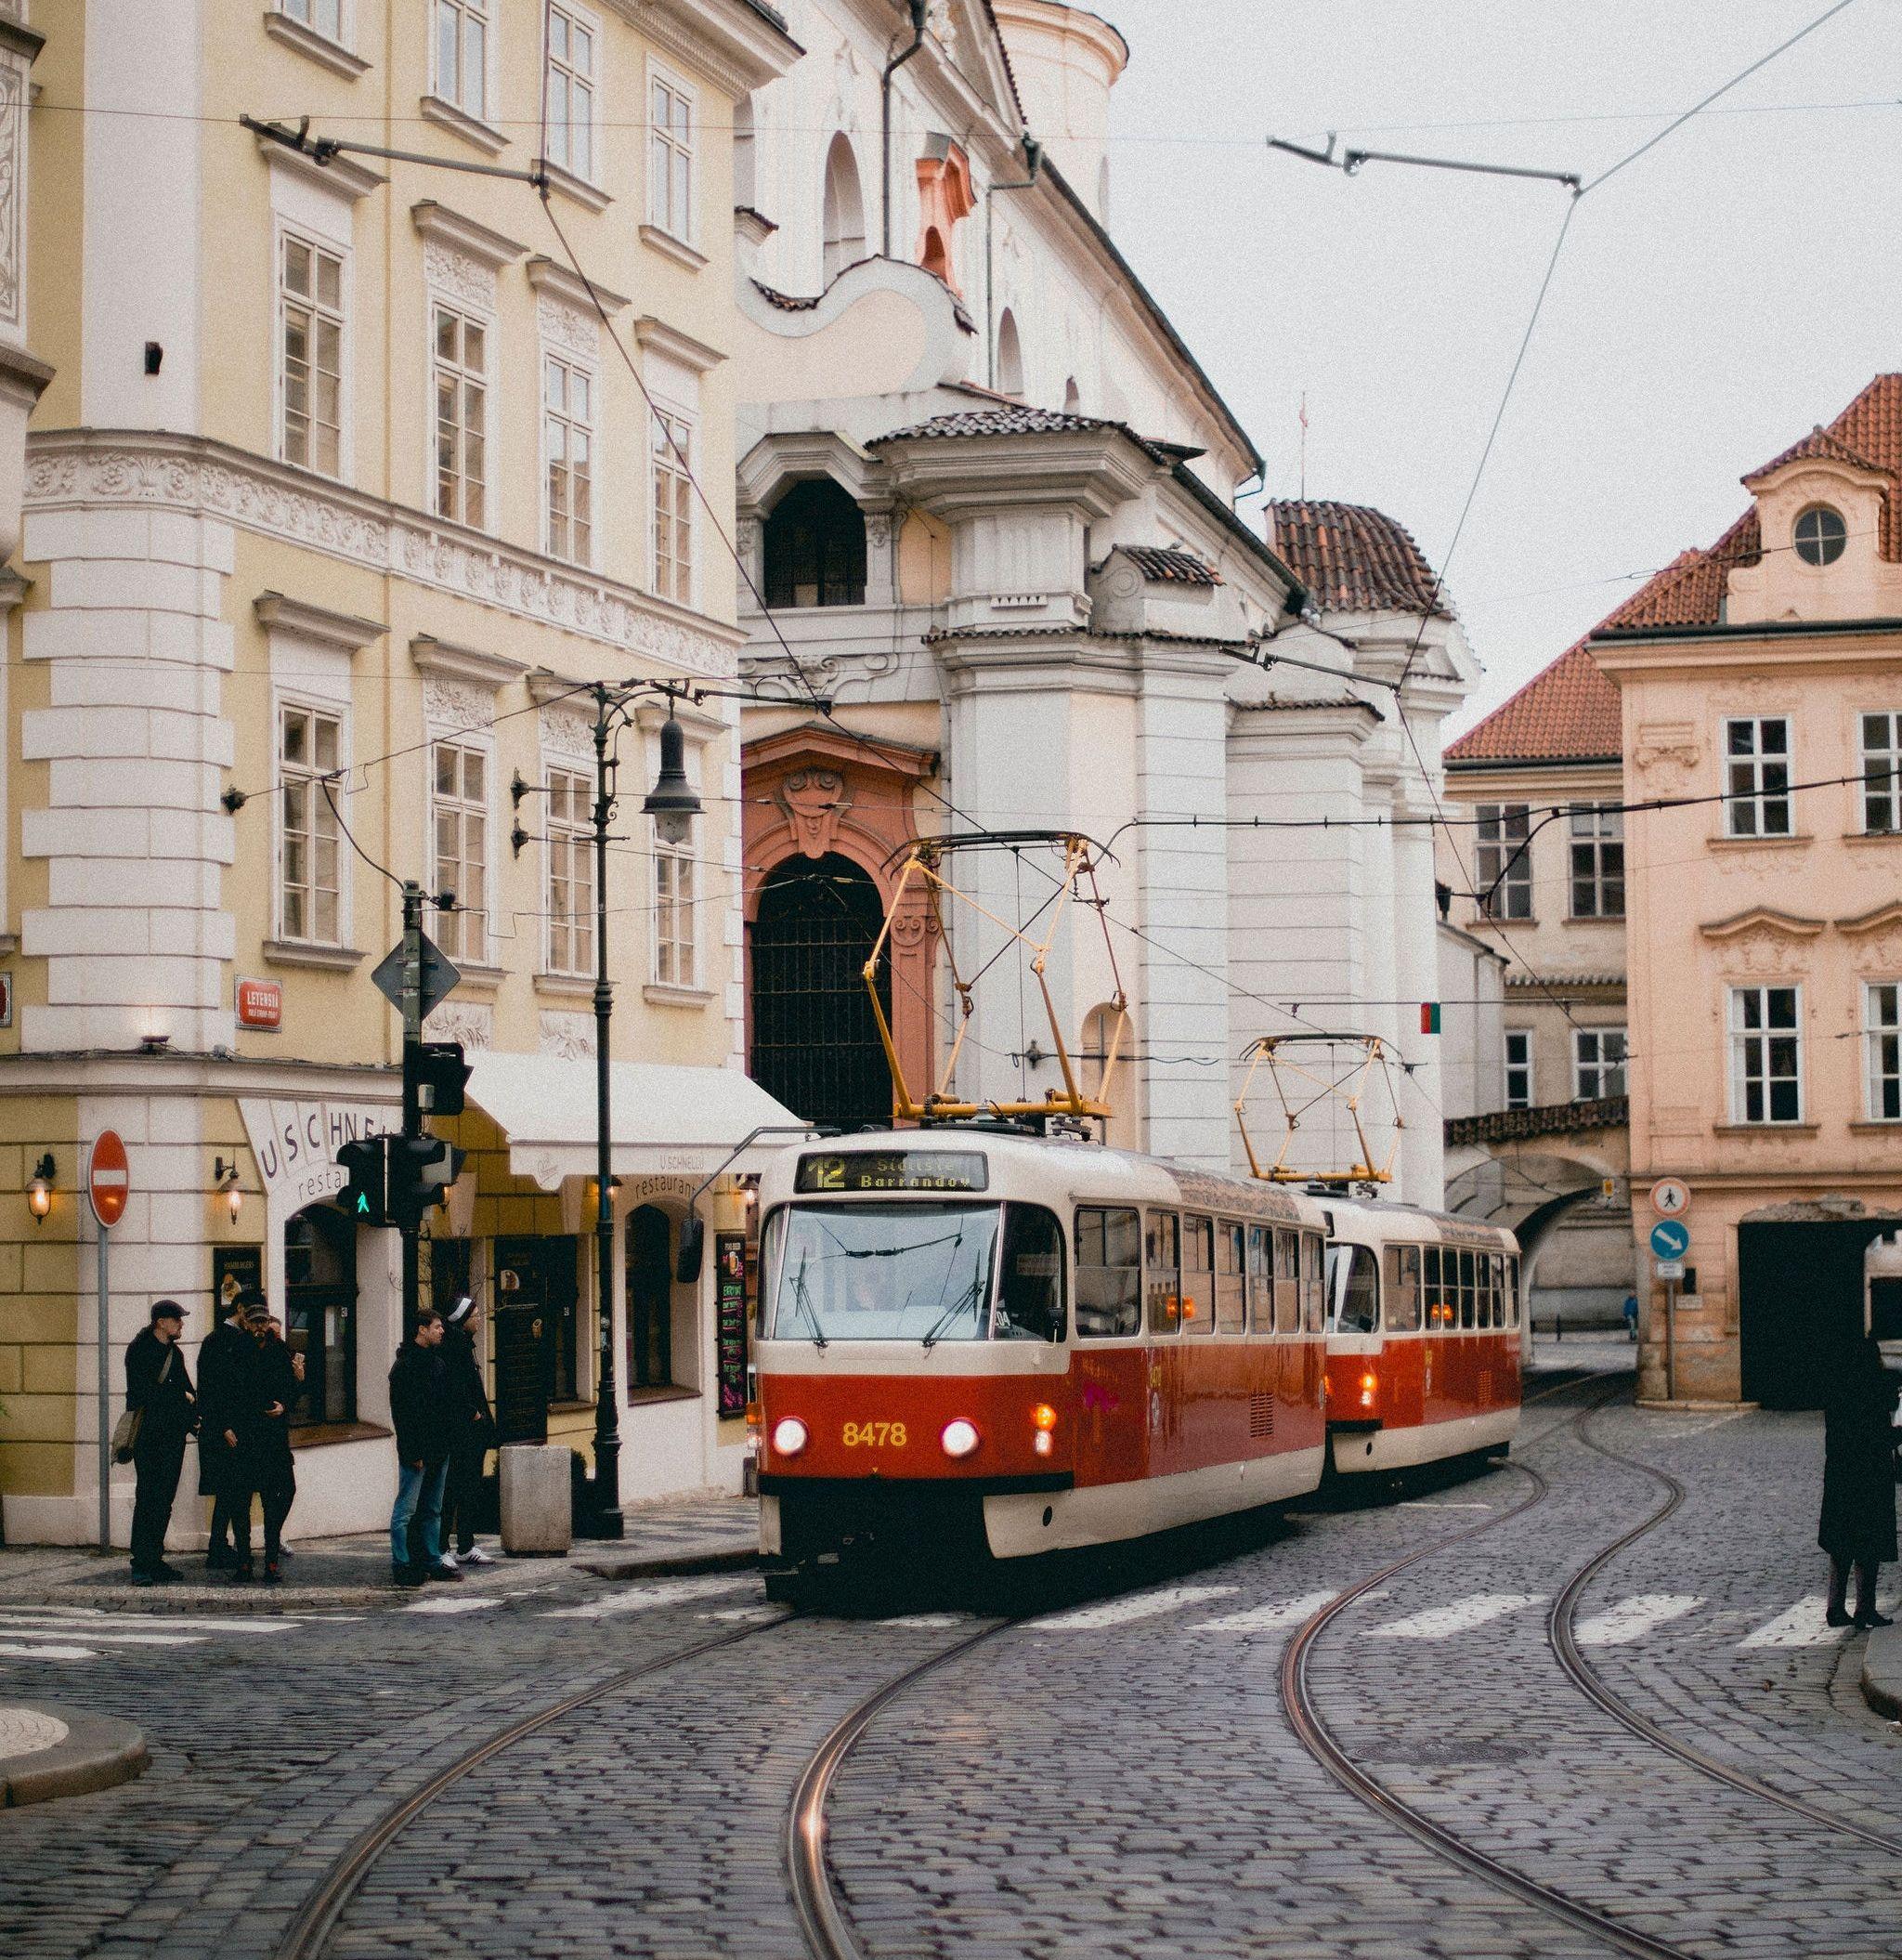 Litoměřice, the next Czech post-carbon city